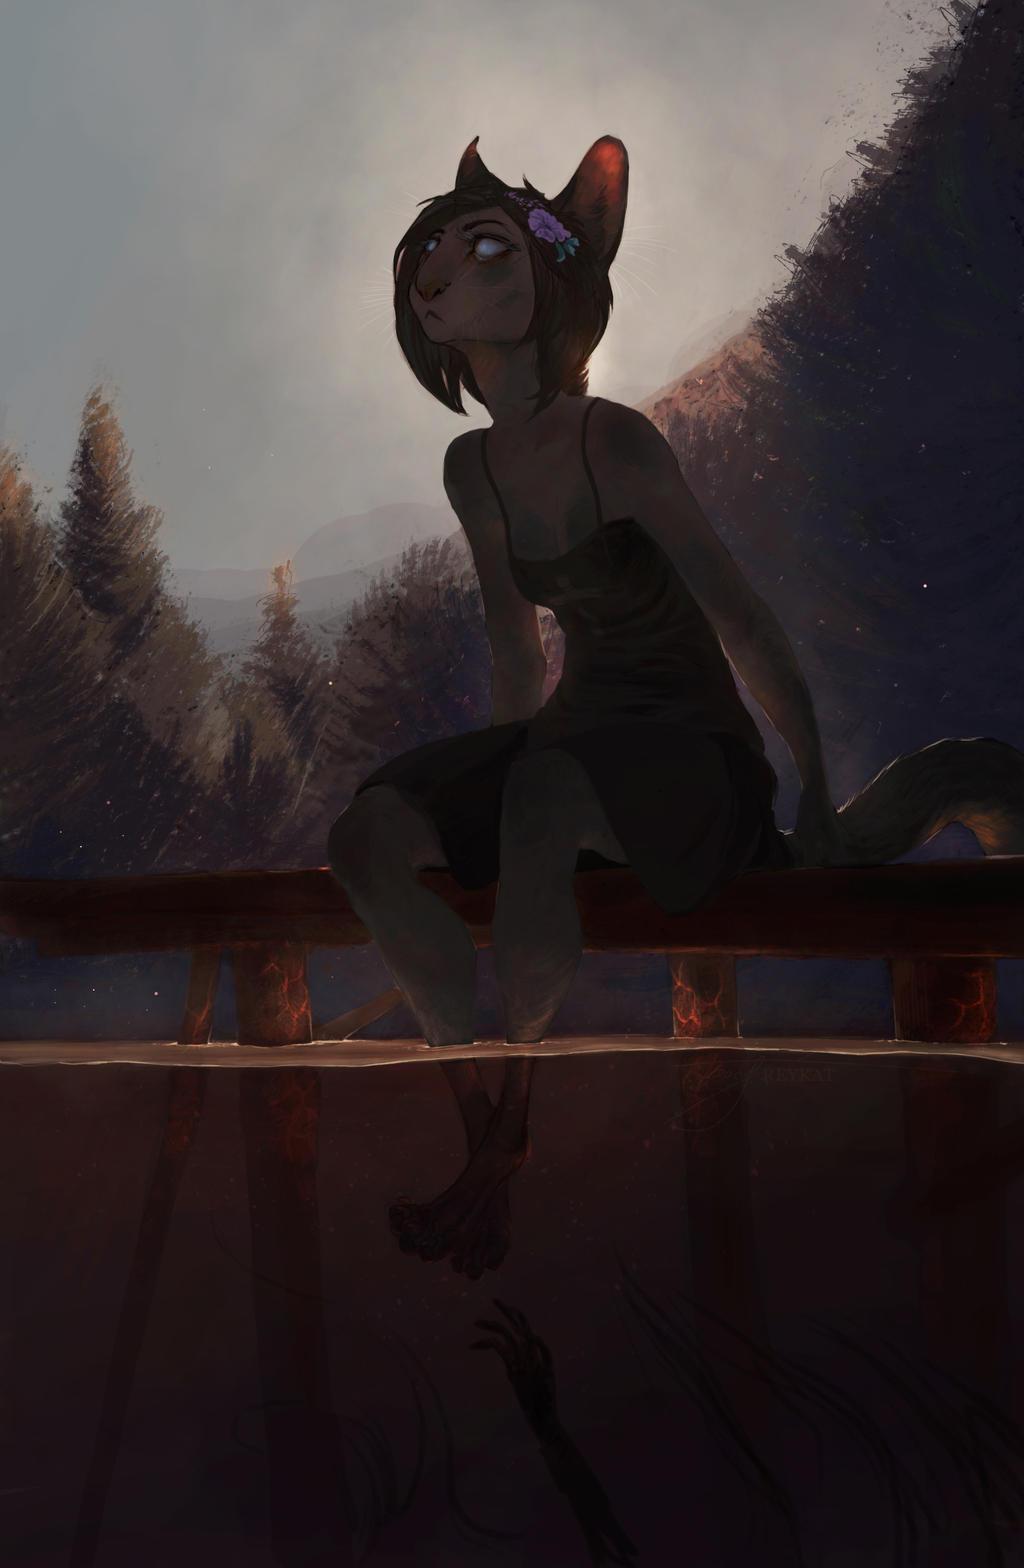 Skoneit by REYKAT